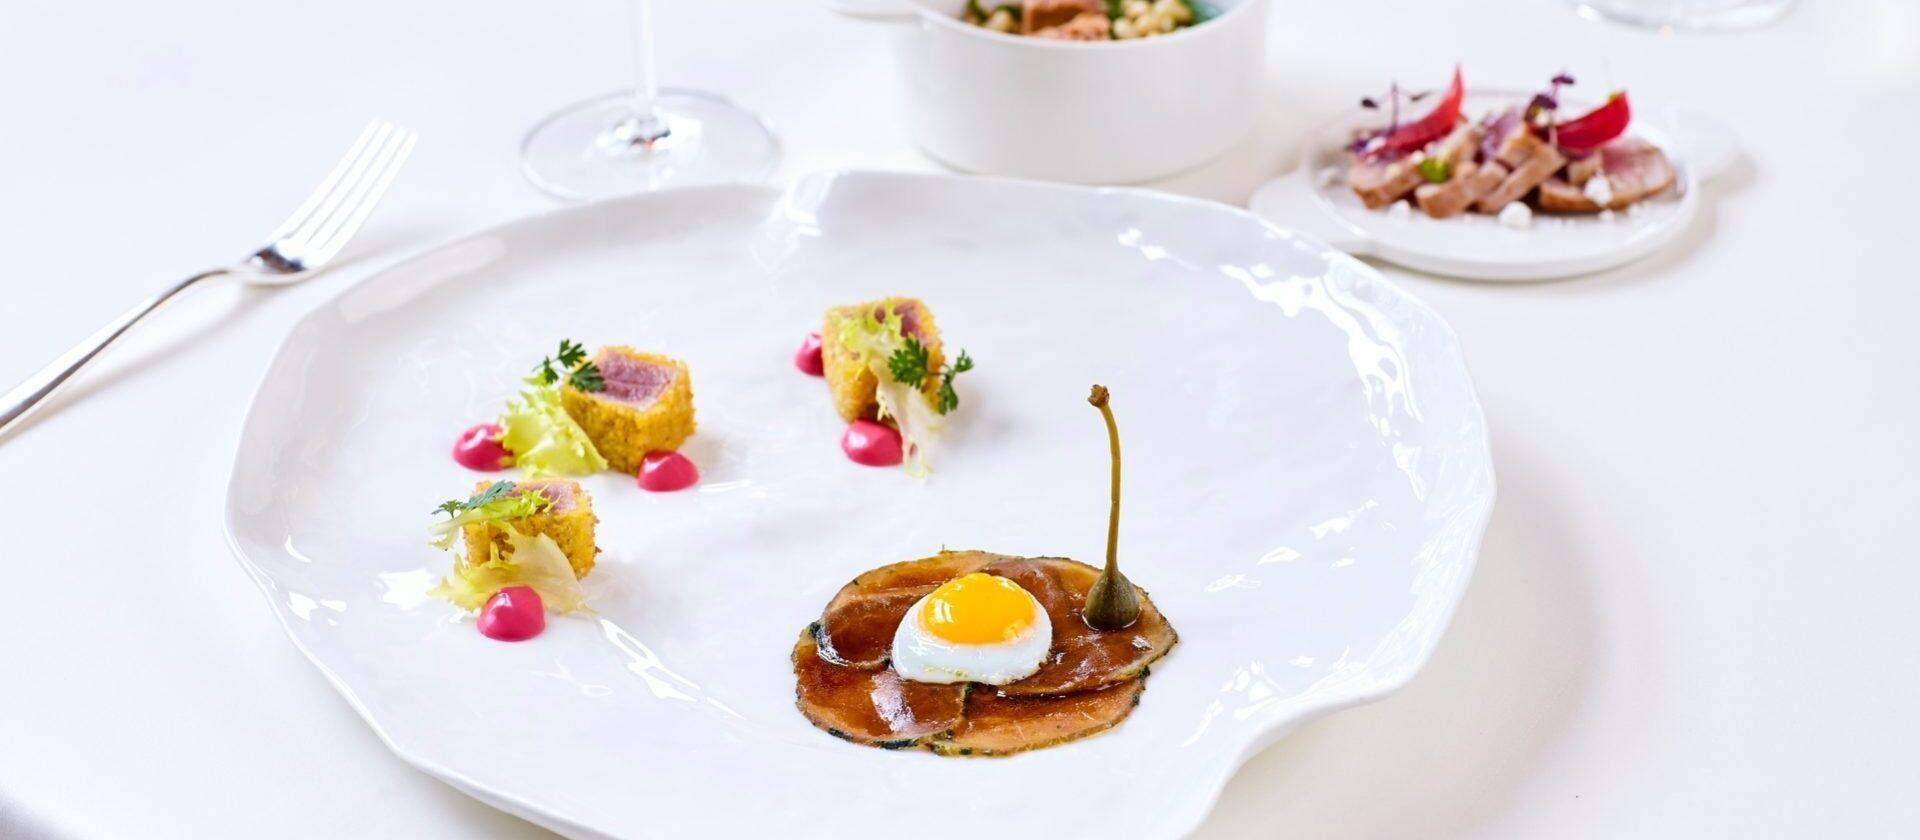 Hotel Principe di Savoia Milano, Acanto restaurant a la carte menu